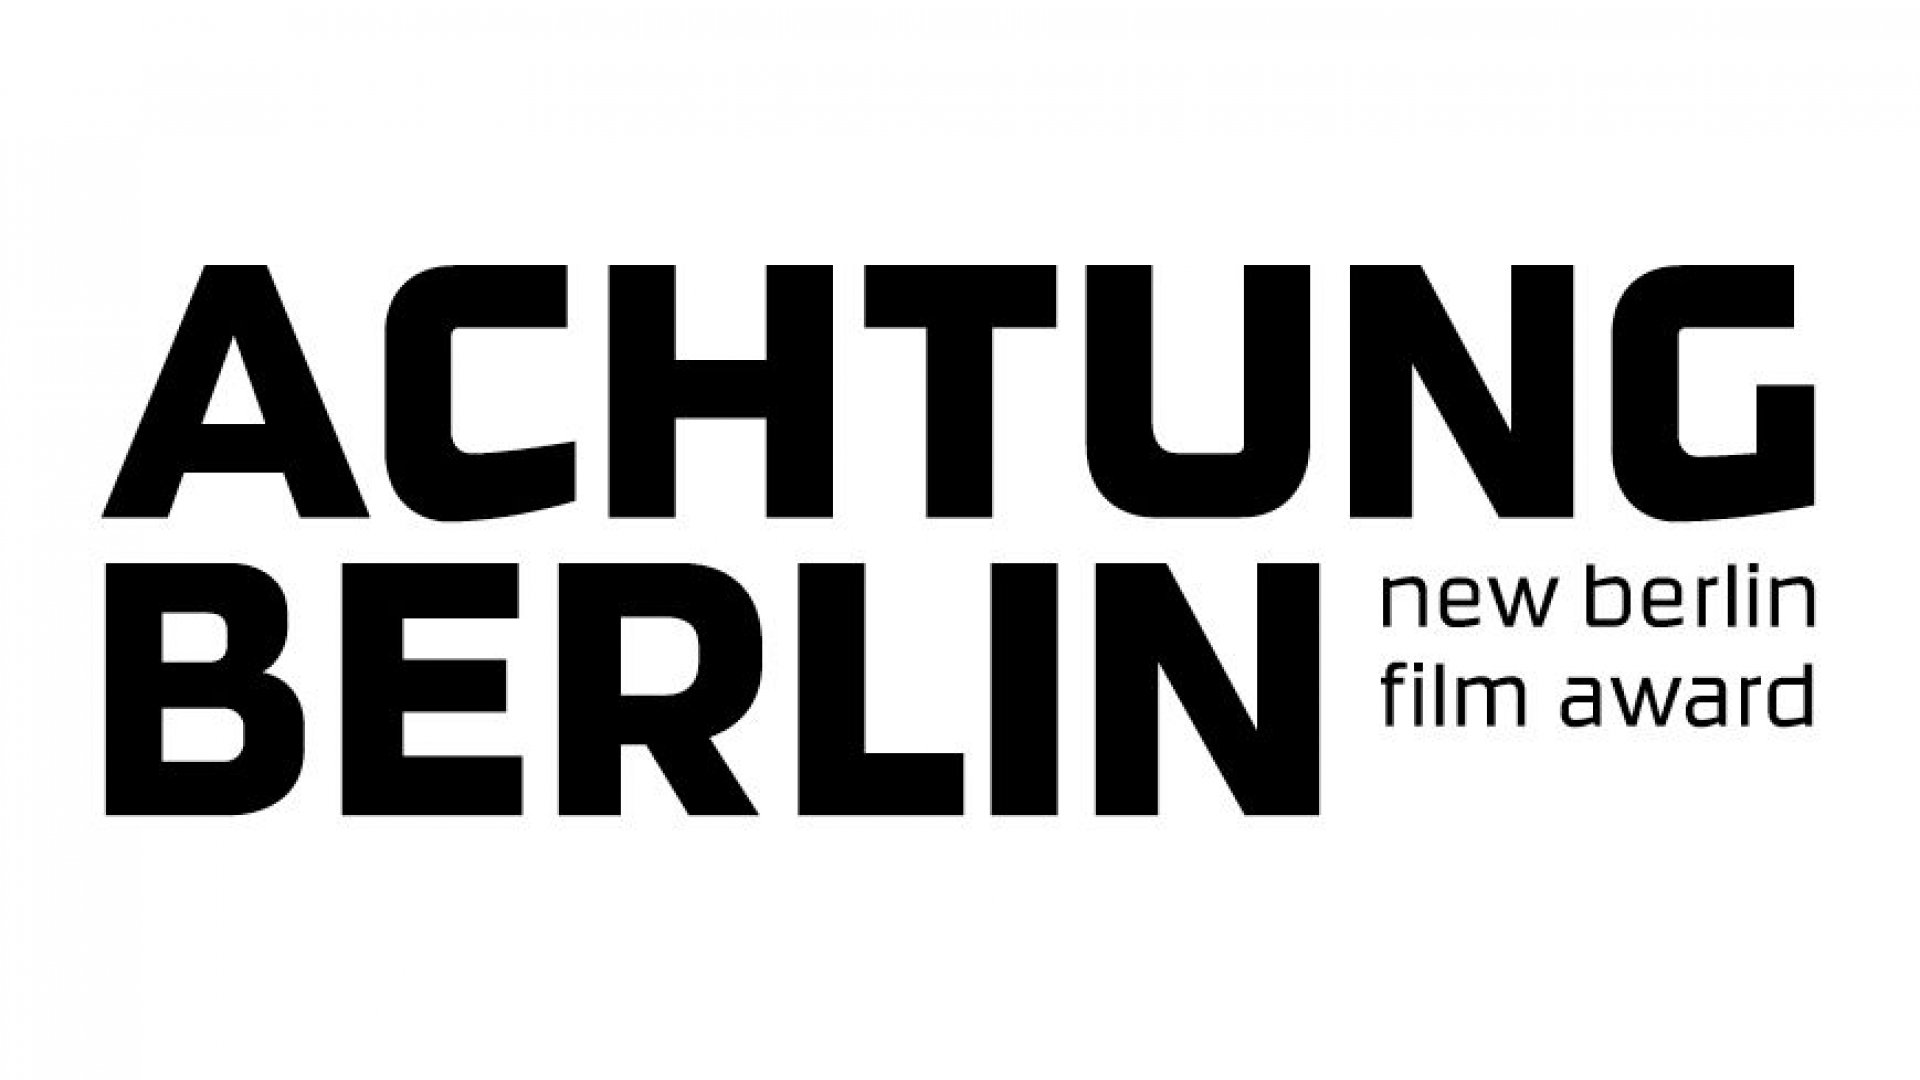 http://filmnetzwerk-berlin.de/wp-content/uploads/2017/04/AchtungBerlin_Logo_schwarz_16zu9.jpg